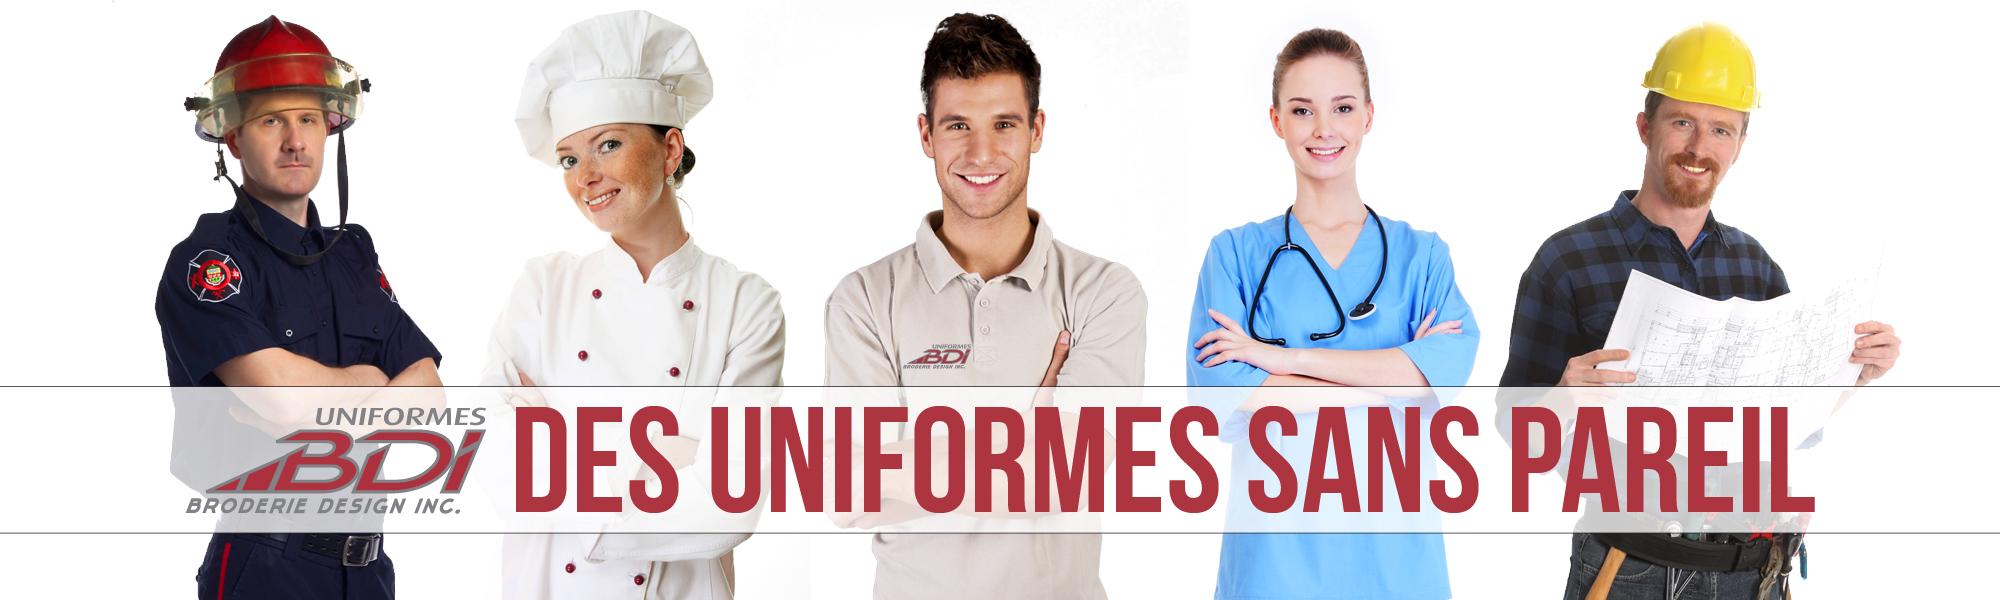 uniforme slide